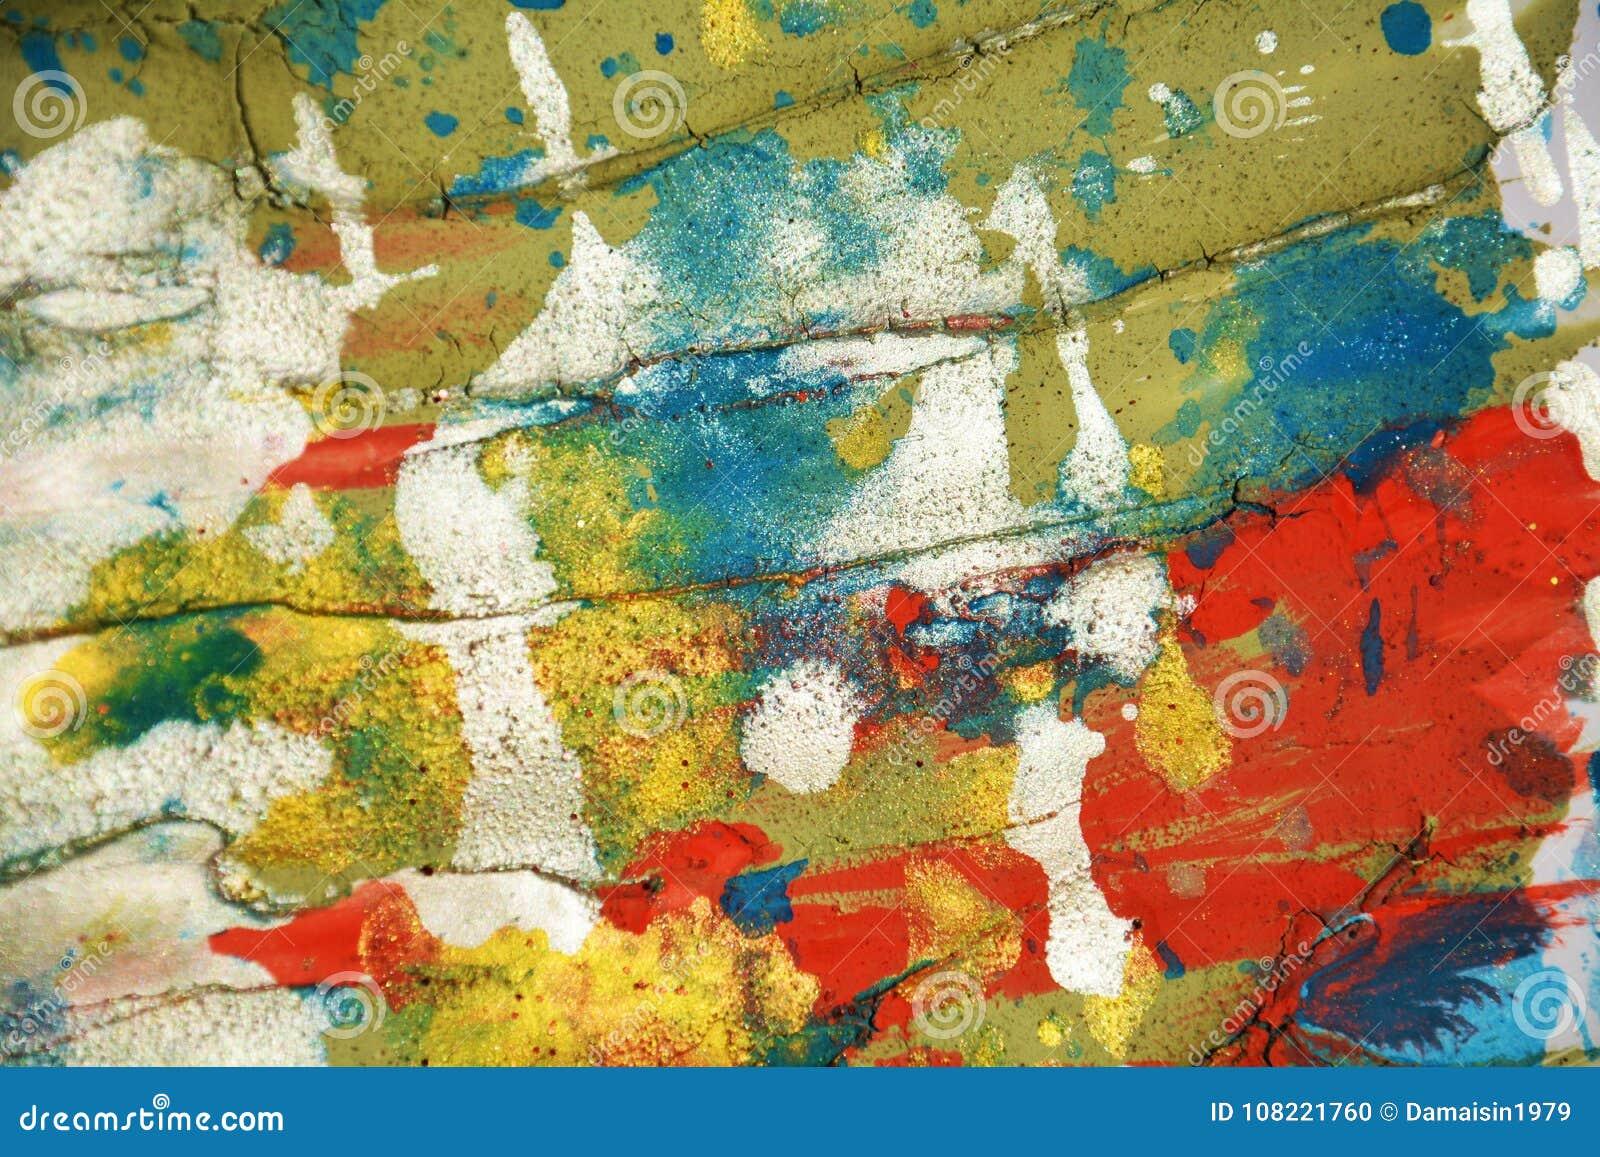 Slaglängder för bakgrund och för borste för fläckar för vit silvergräsplan orange blå röd pastellfärgad vaxartad, toner, fläckar